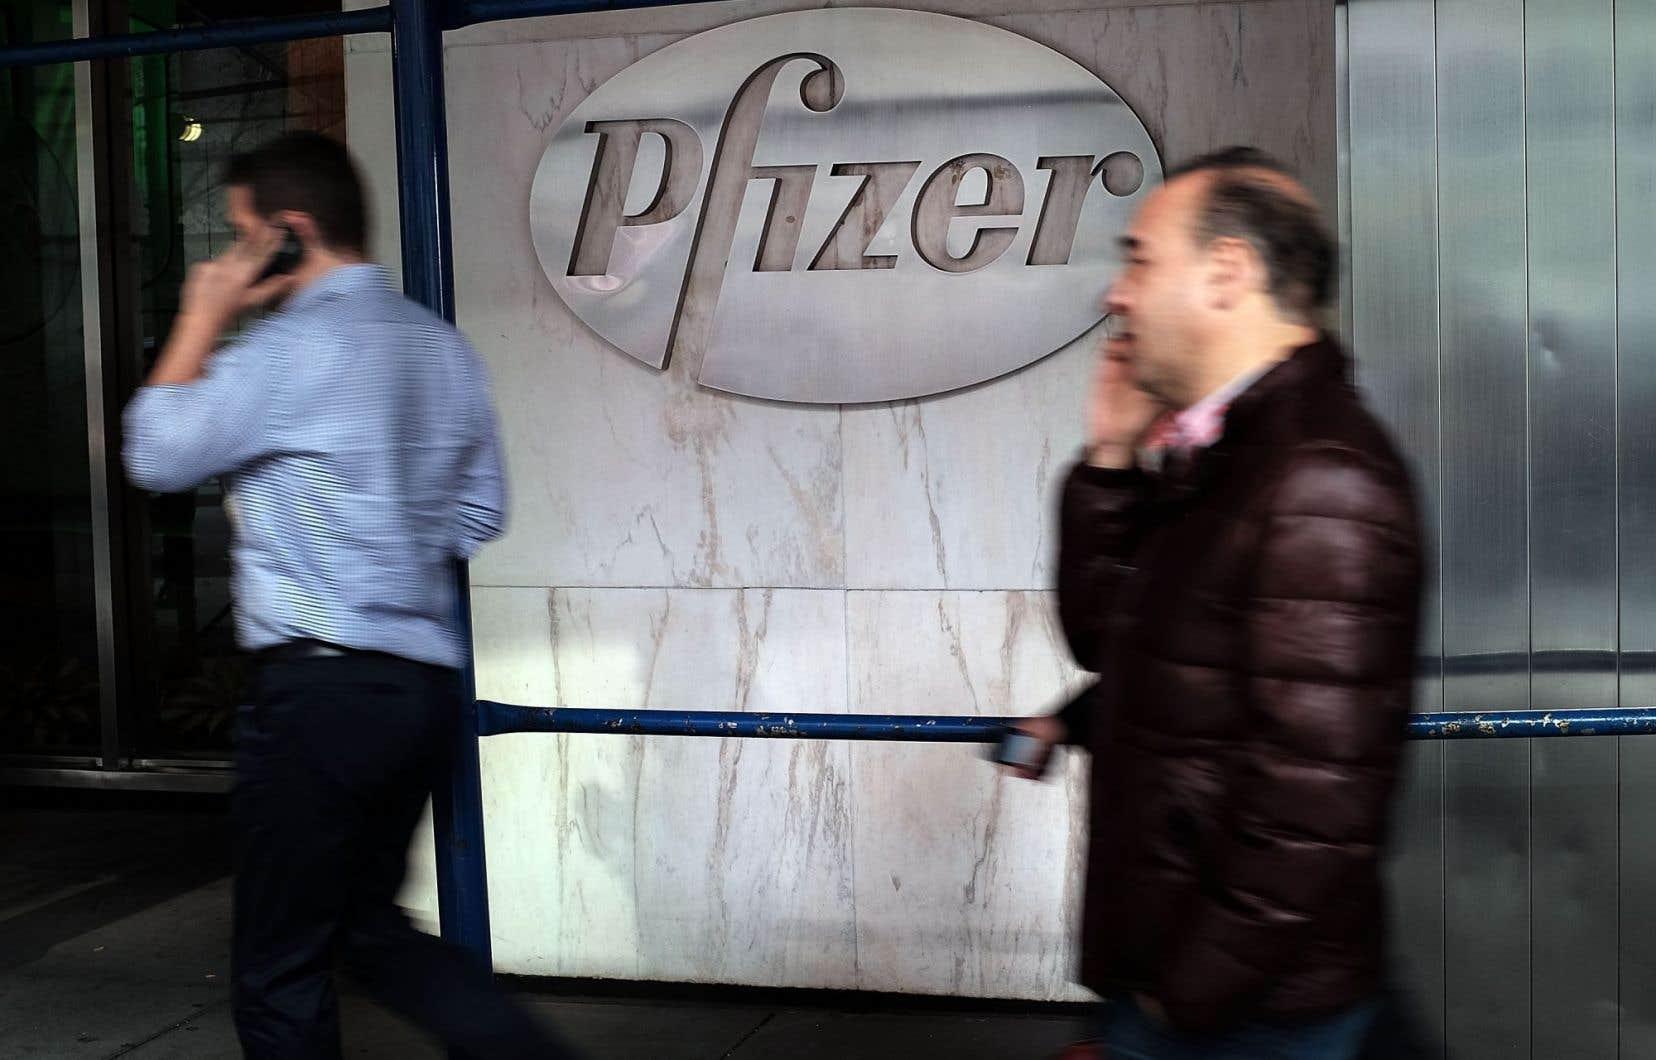 <p>Depuis plusieurs années, Pfizerfait l'objet de critiques de la part d'analystes et d'investisseurs. Ceux-ci font notamment valoir que ses activités pourraient croître plus rapidement si elles avaient lieu au sein de deux entreprises distinctes.</p>